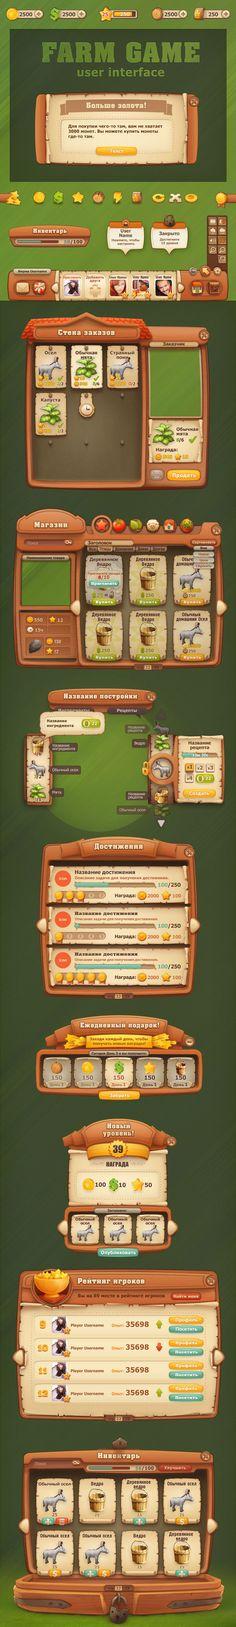 Farm Game |GAMEUI- 游戏设计圈聚集地 | 游戏UI | 游戏界面 | 游戏图标 | 游戏网站 | 游戏群 | 游戏设计